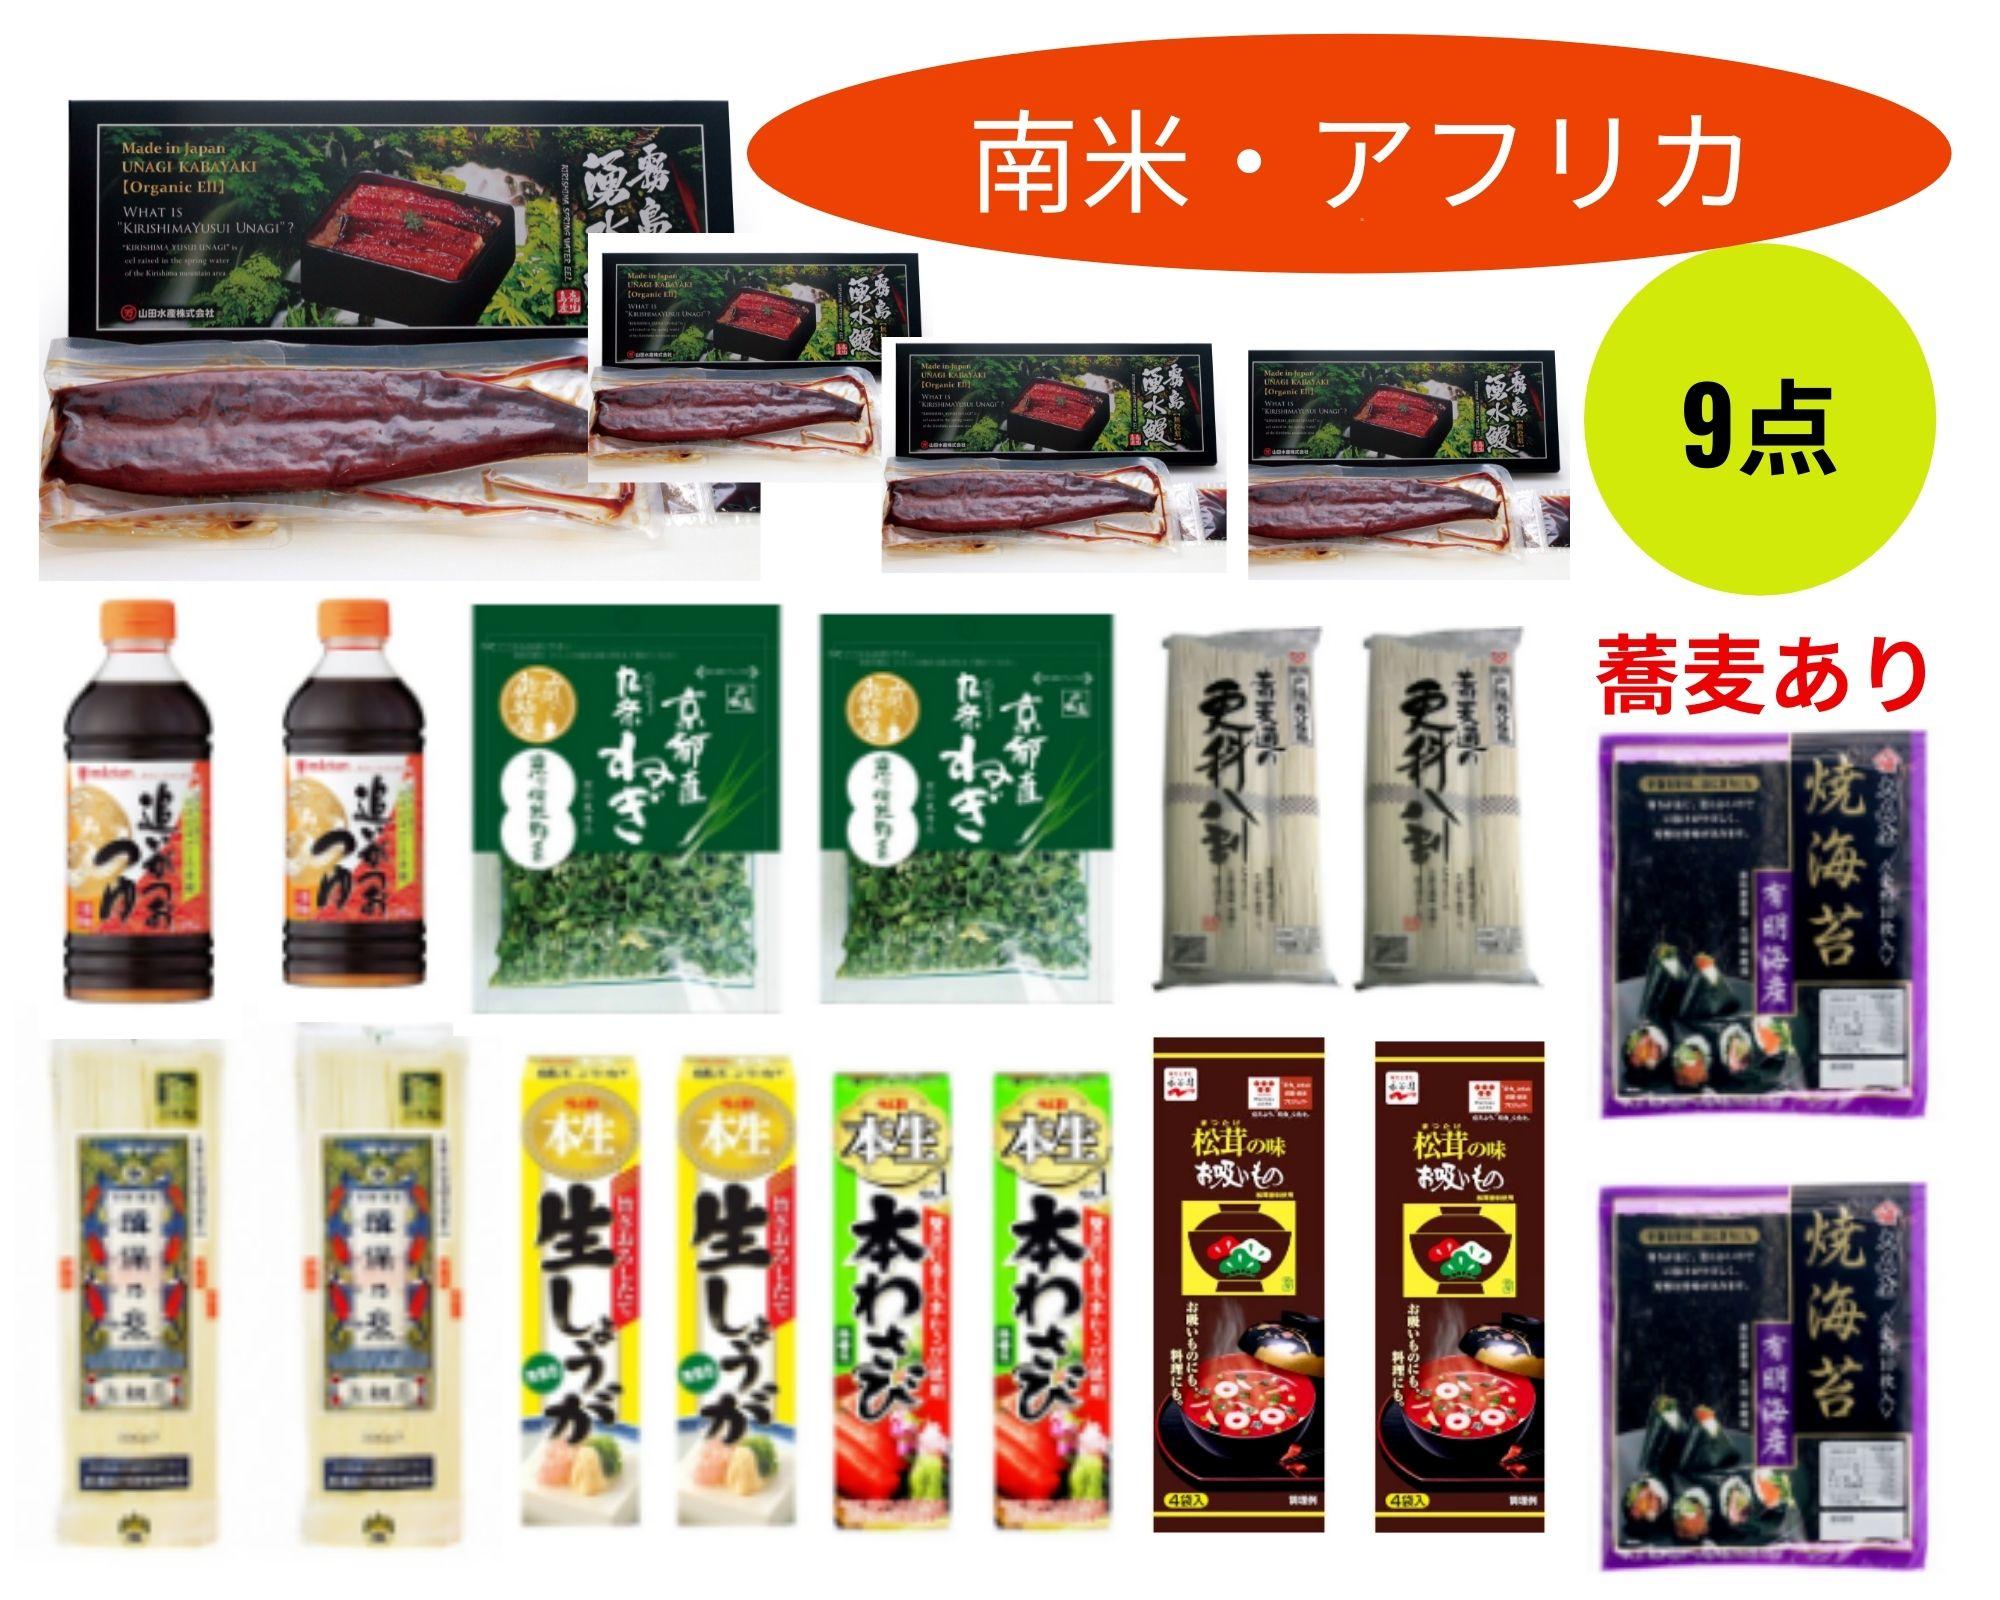 南米・アフリカ地域限定商品 // 鰻+プラス(9点セット)※蕎麦あり